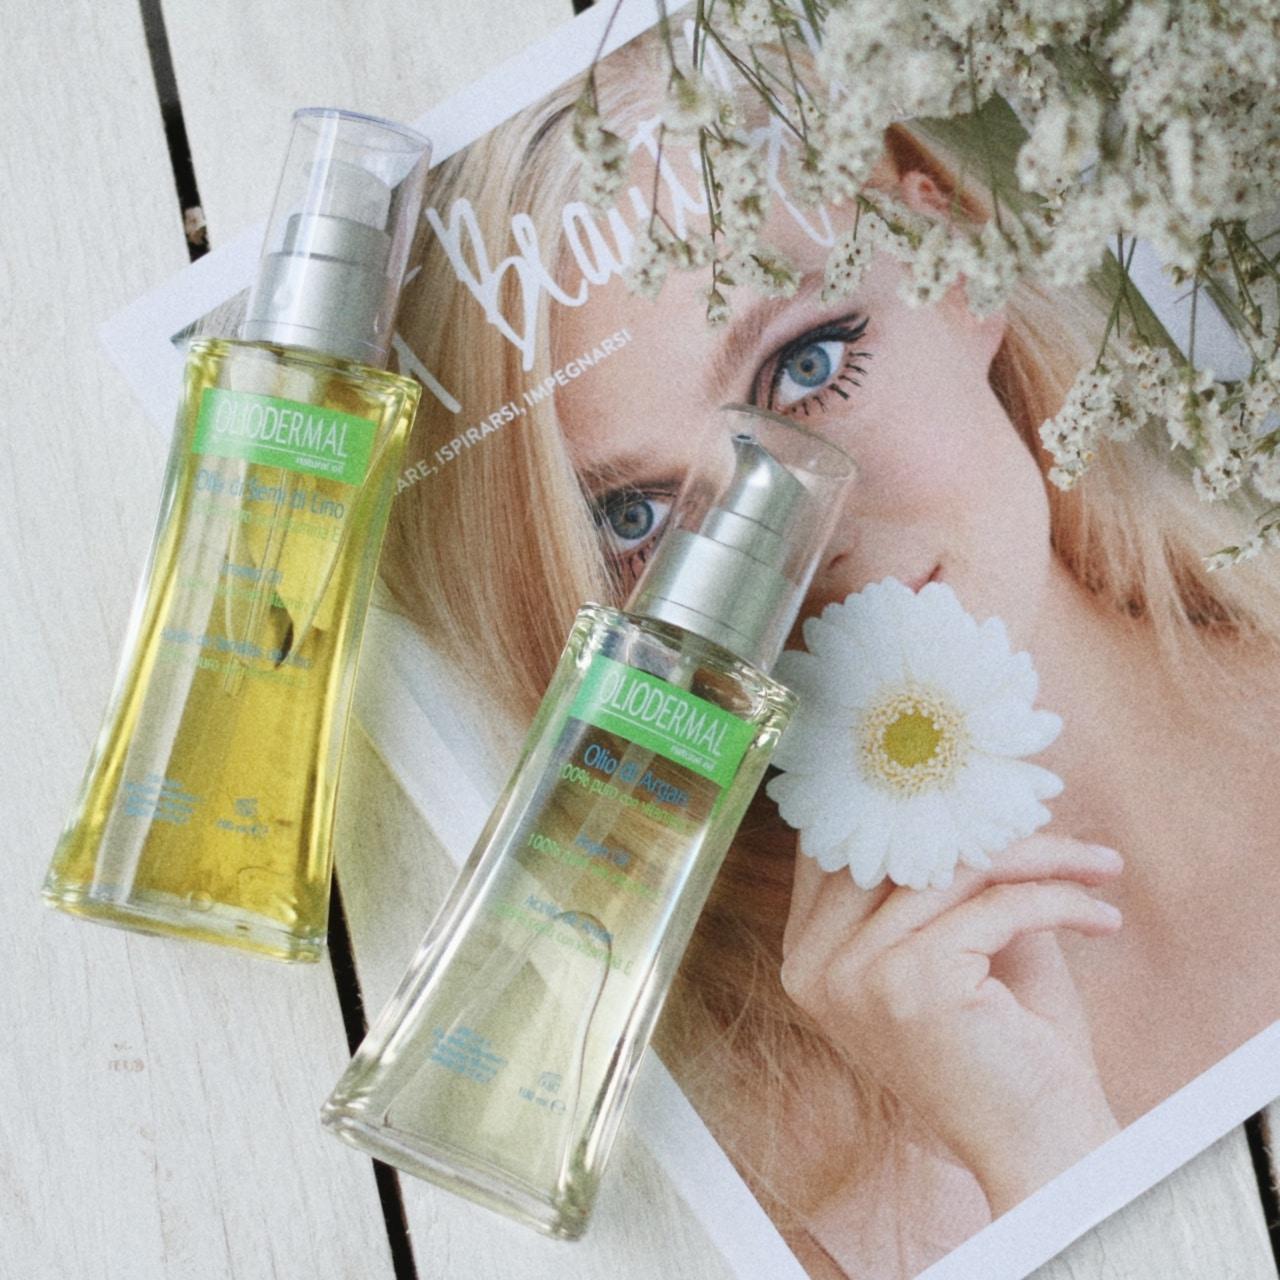 prodotti naturali per idratare pelle e capelli